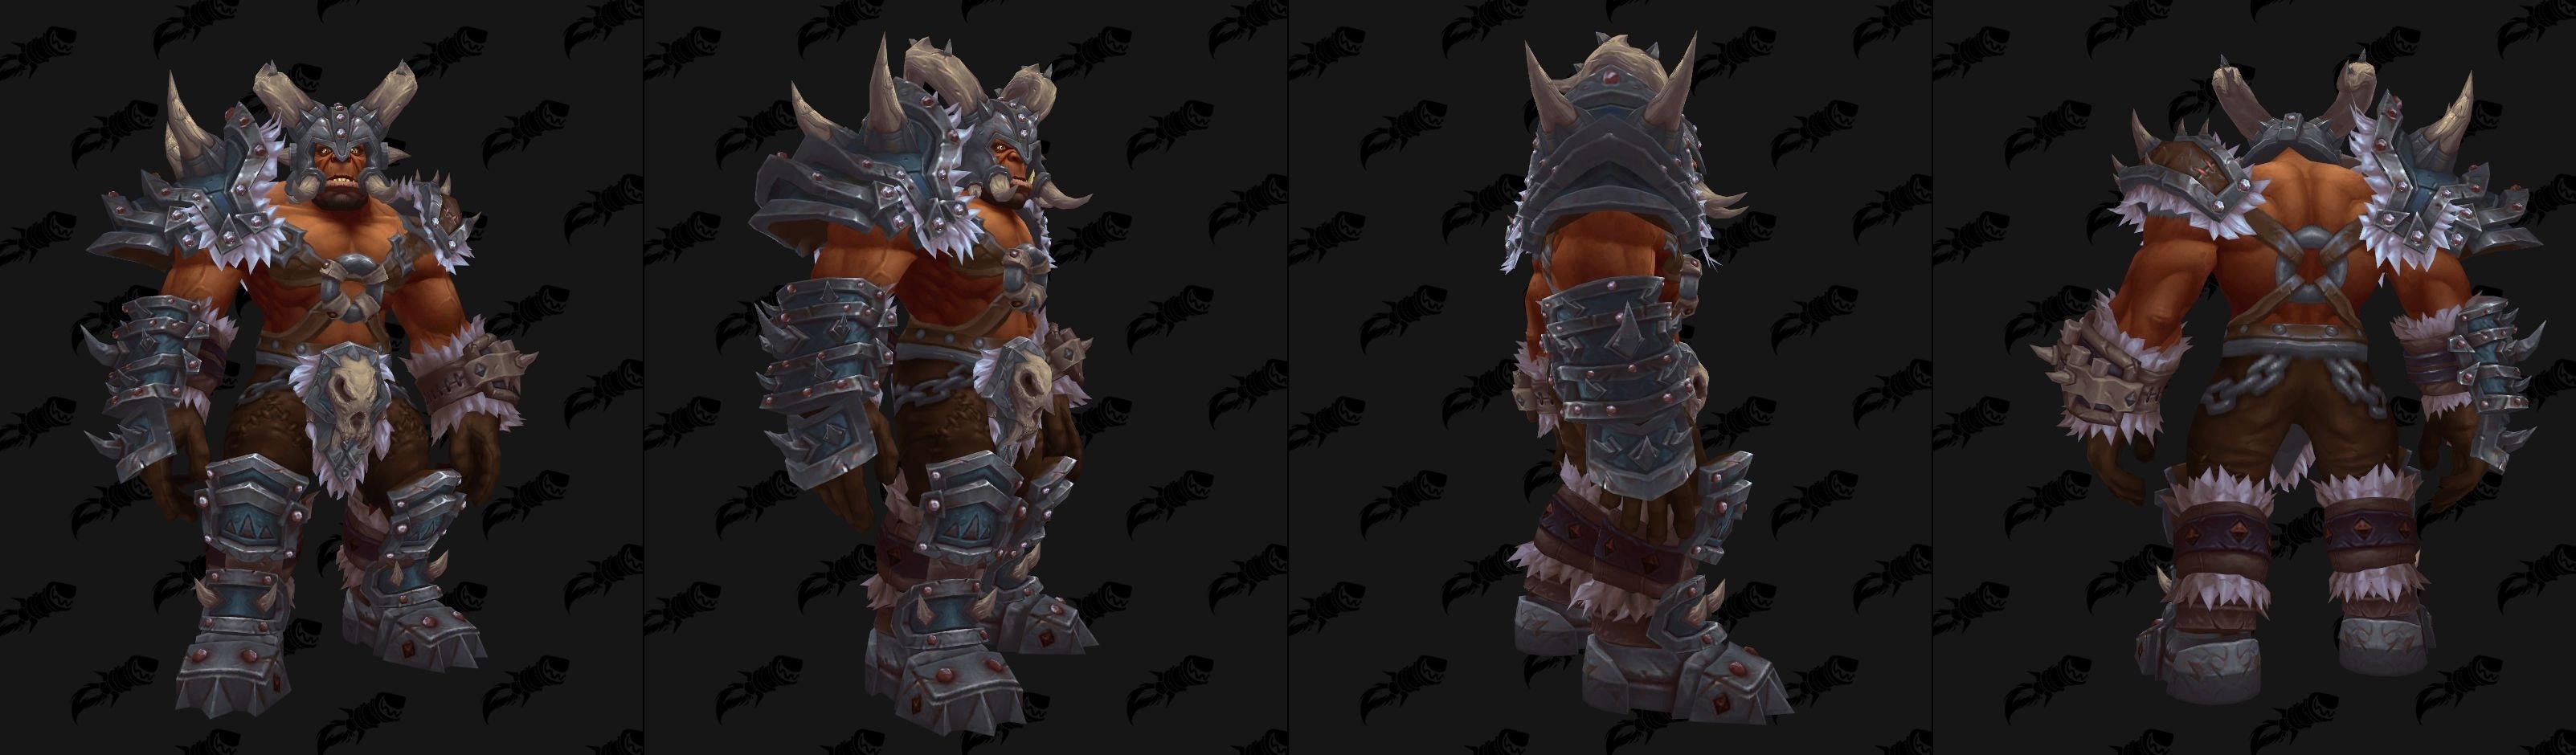 Armure héritage des Orcs Mag'har - Coloris Loup-de-givre